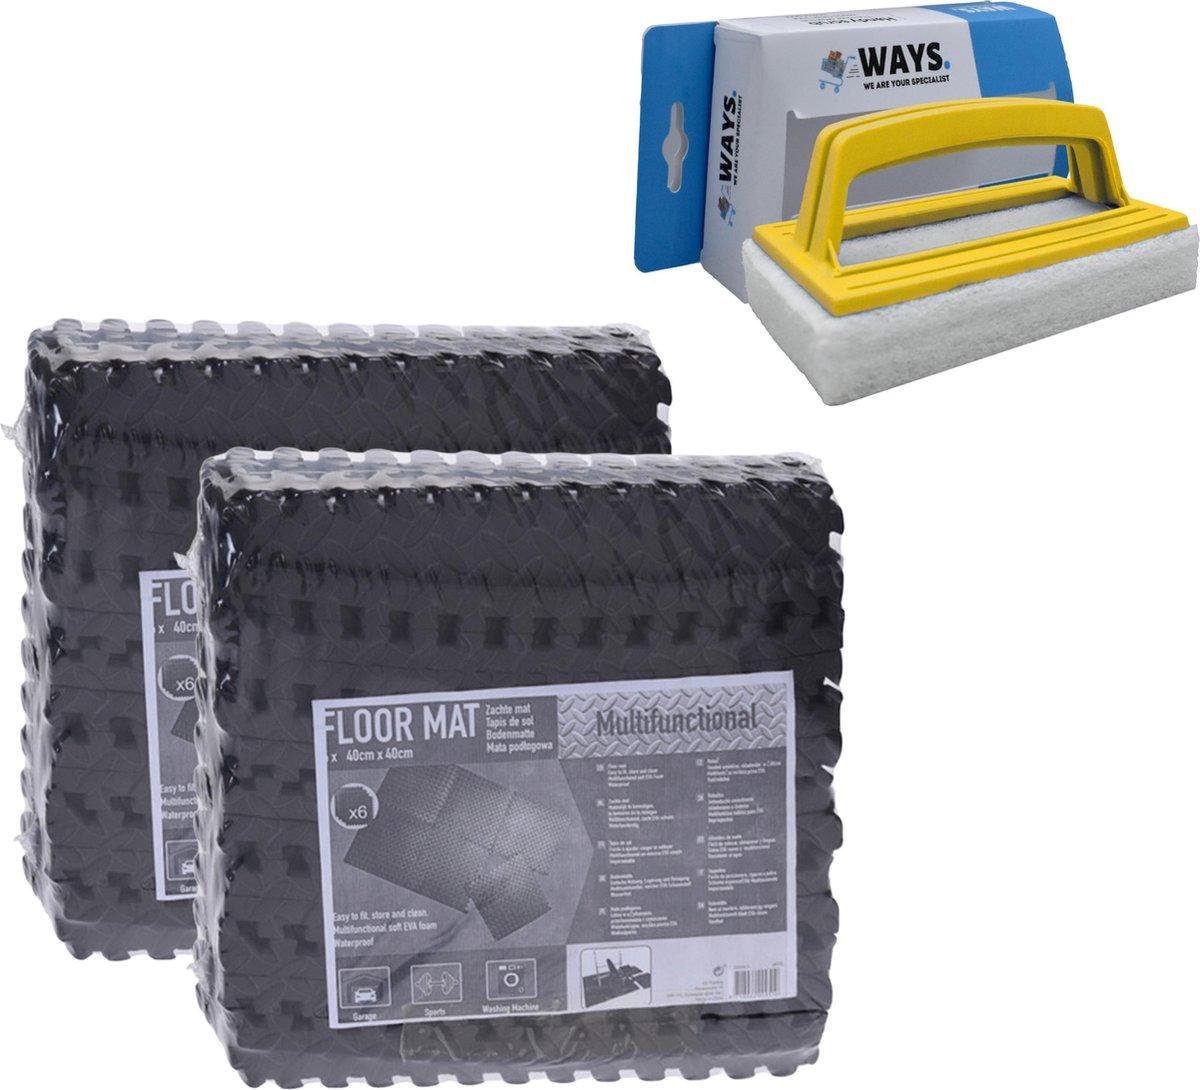 Zwembadtegels - Voordeelverpakking - 2 verpakkingen van 6 tegels - 40x40 cm & WAYS scrubborstel